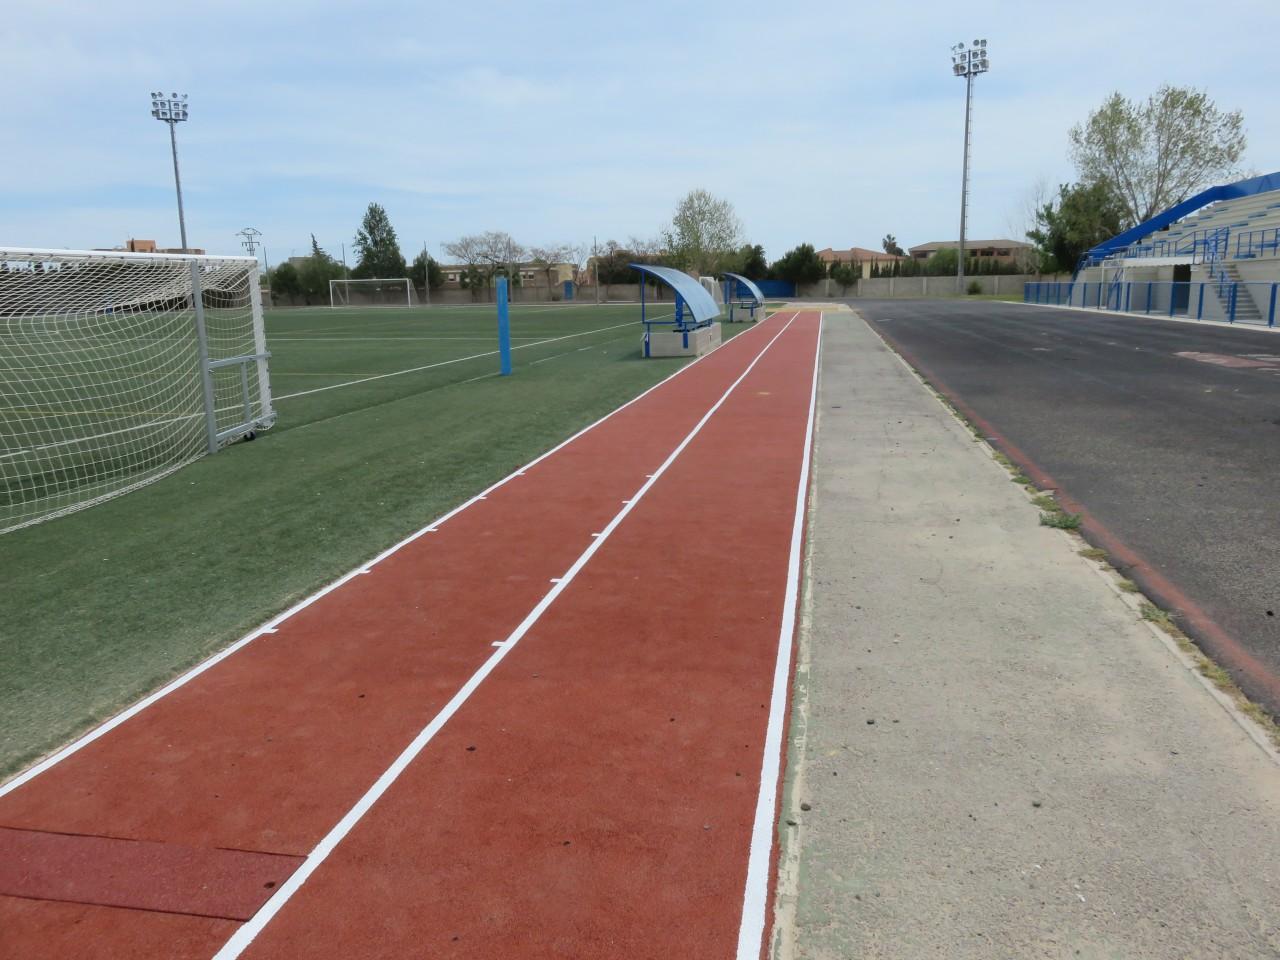 Recta de Salto de longitud en Polideportivo Los Olmos